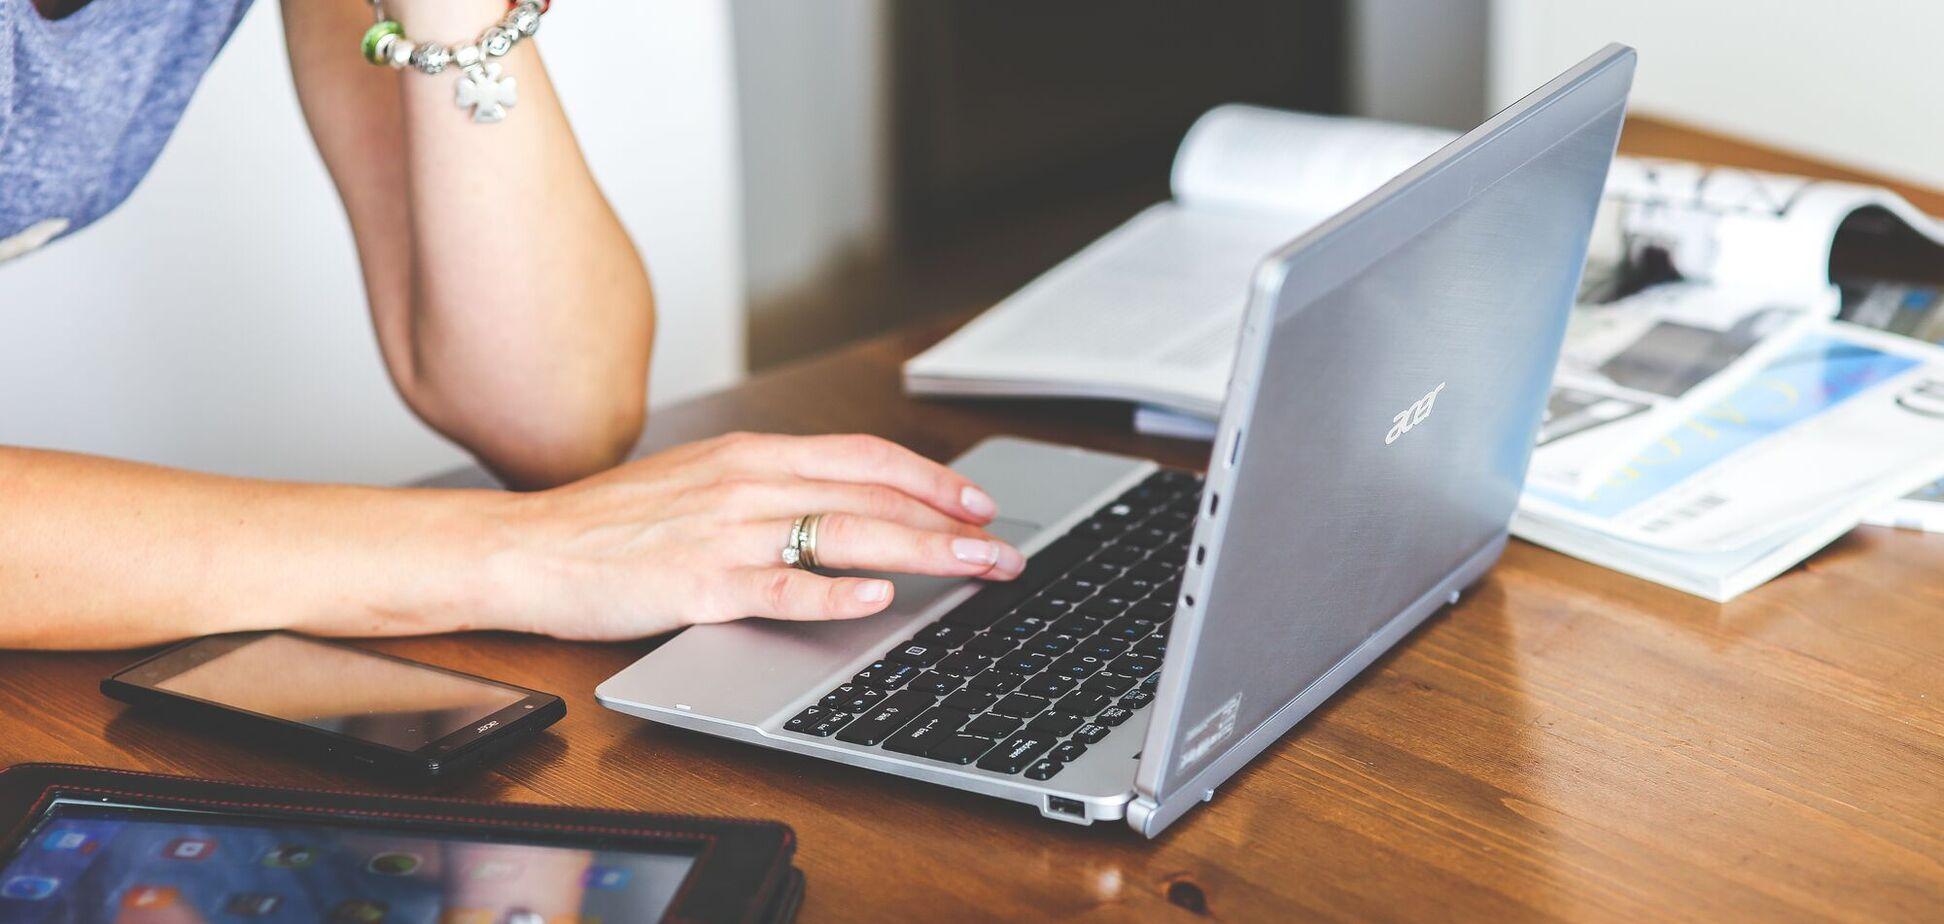 Женщины в депрессии склонны устанавливать контакт через приложения и сайты знакомств